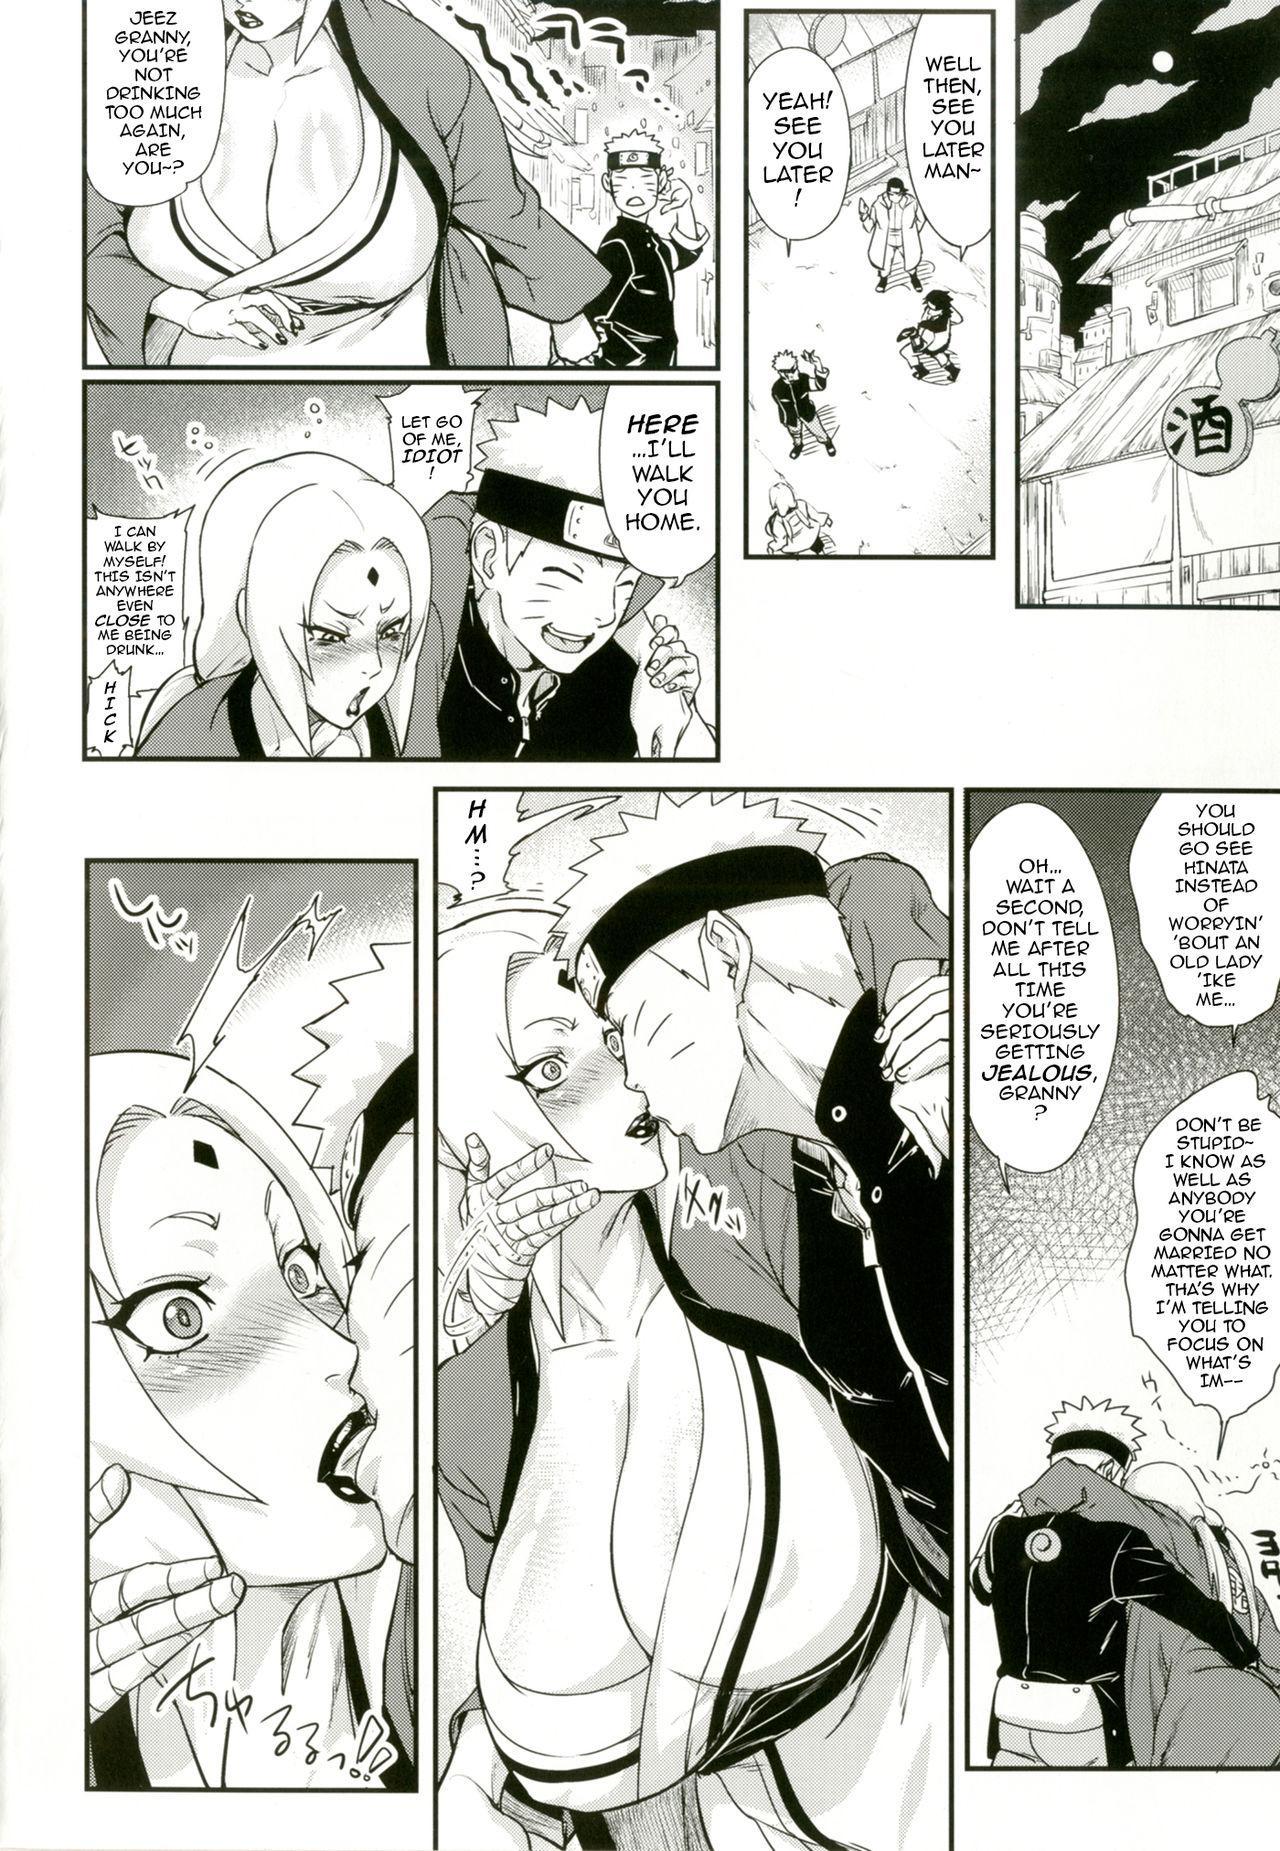 Jukumitsuki Intouden 2 | Debauchery of a Mature Honeypot Princess Ch 2 2